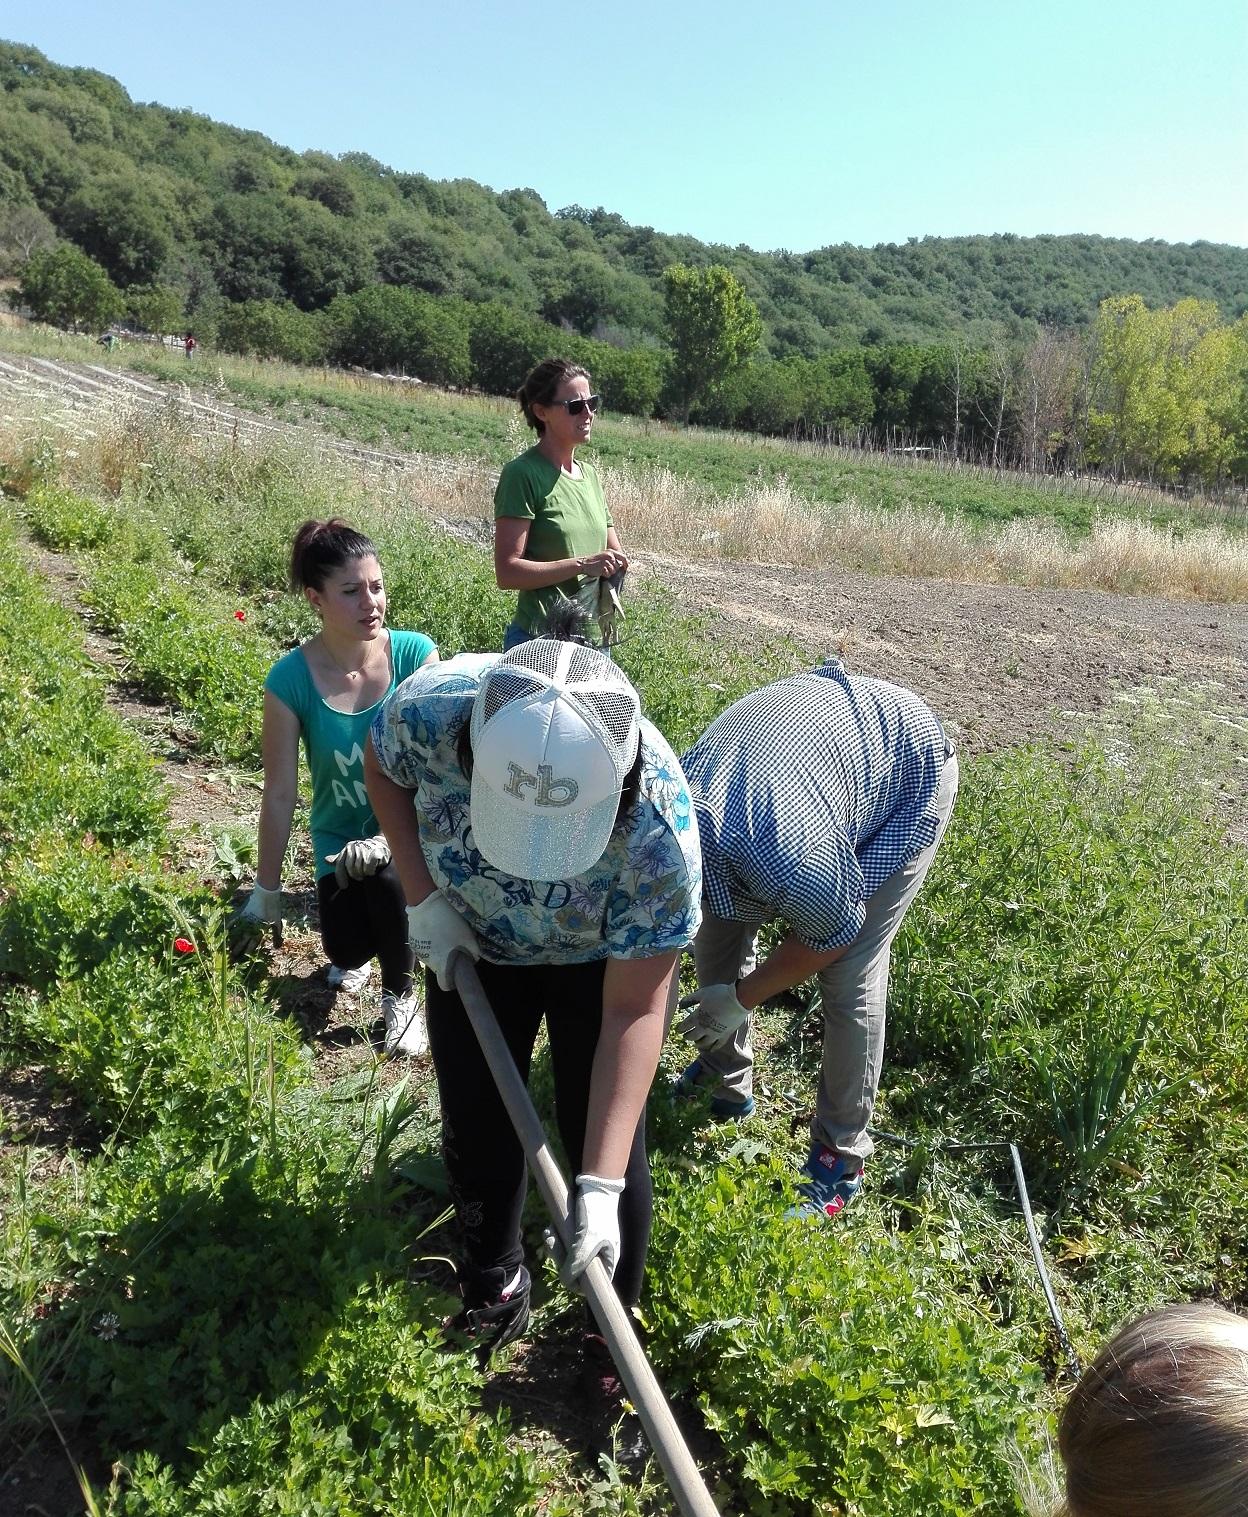 Agricoltura sociale al Casale di Martignano. Iniziamo l'estate cominciando nuovi percorsi